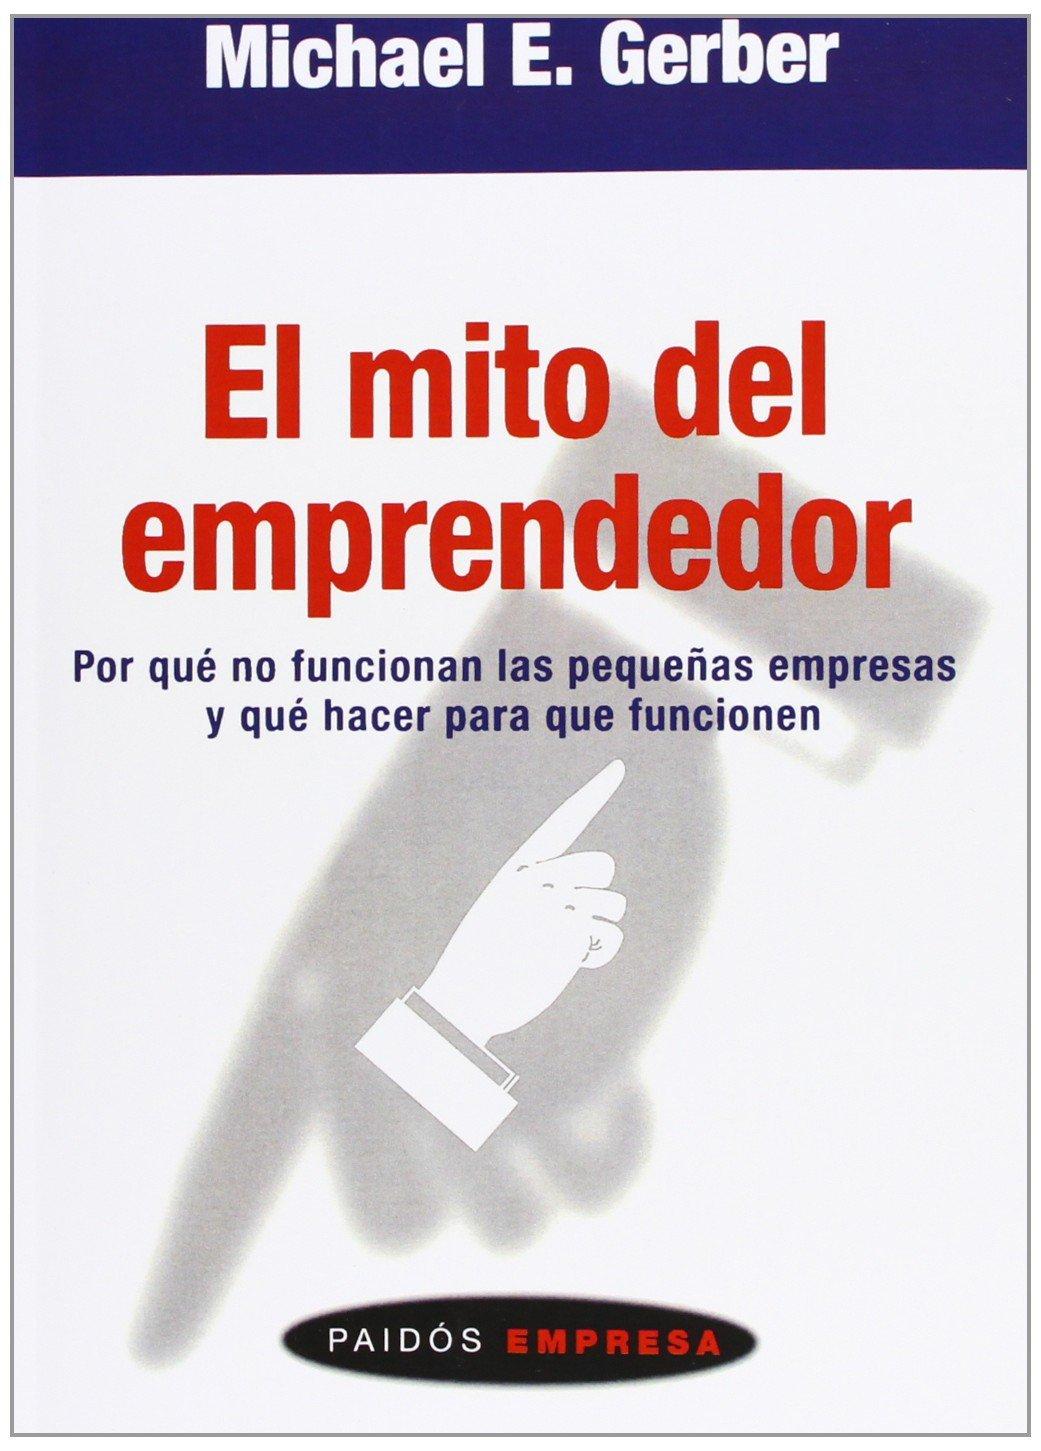 El MITO DEL EMPRENDEDOR - MICHAEL E. GERBER